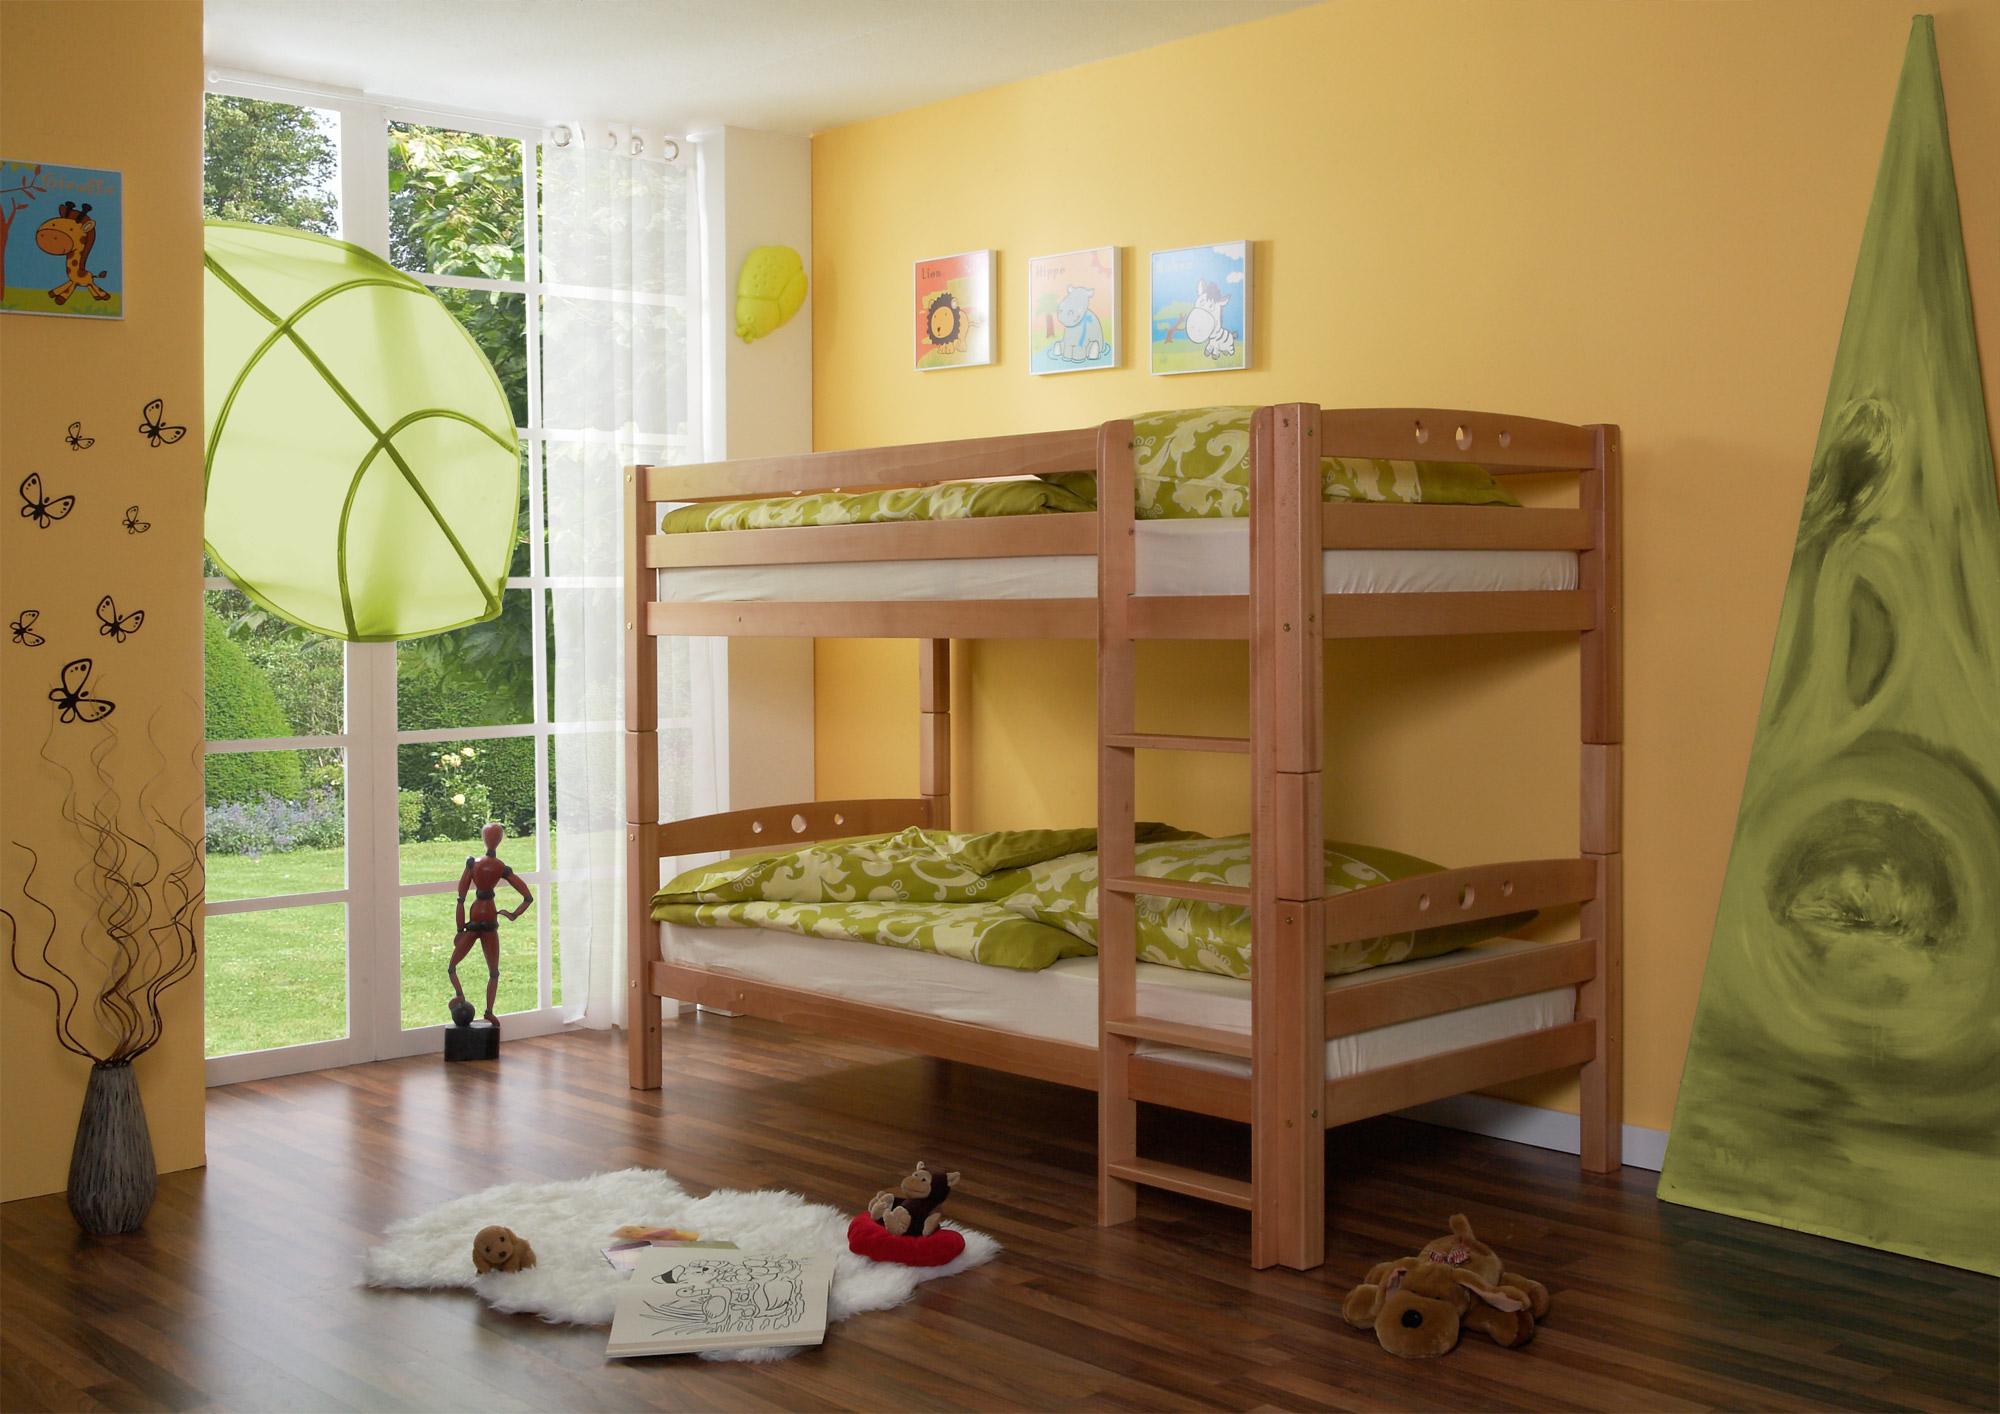 Etagenbett Lupo 2 : Buche massiv etagenbetten online kaufen möbel suchmaschine